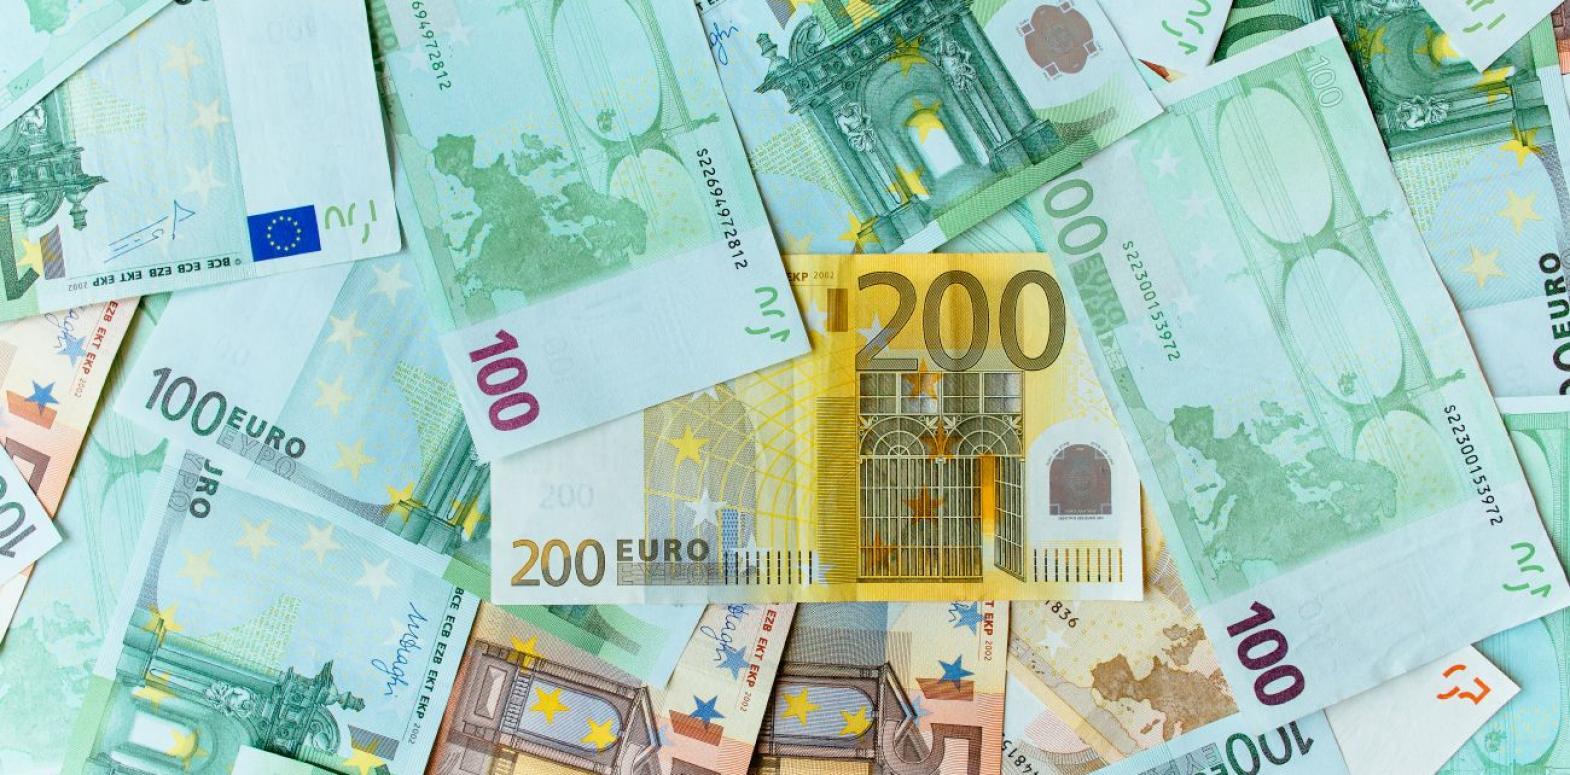 НБУ снова снизил официальный курс евро